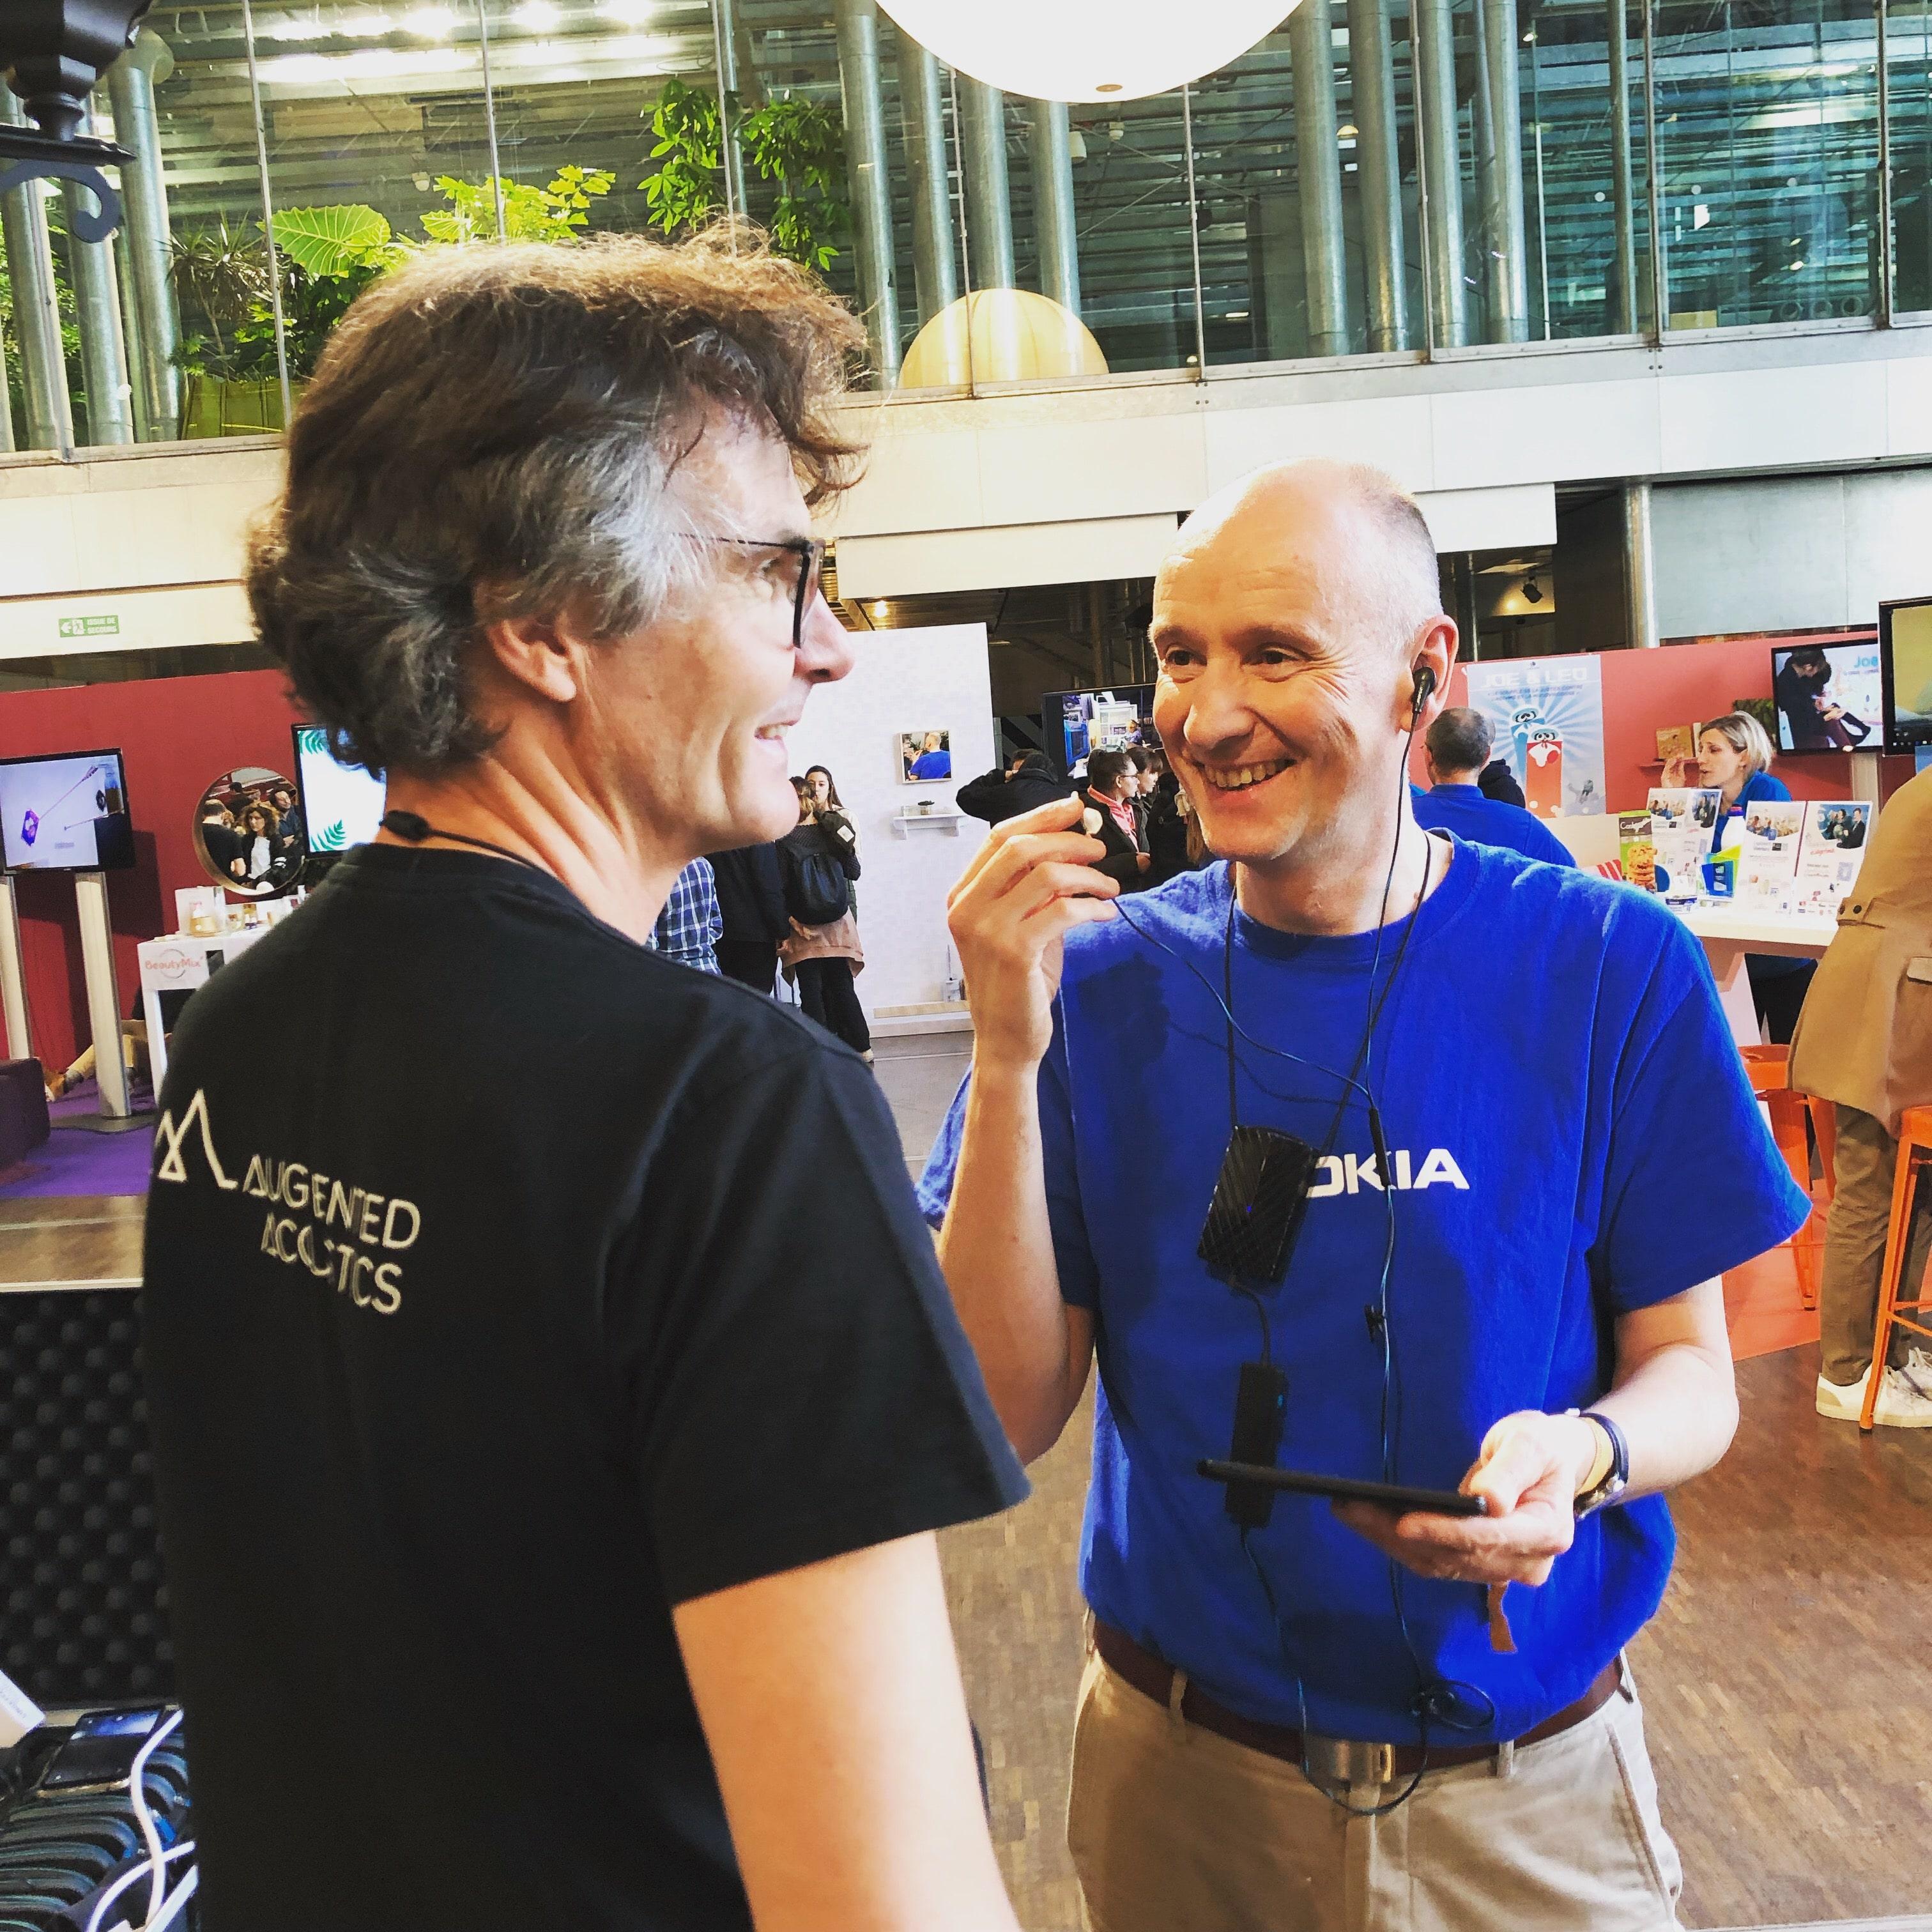 Supralive proposé sur le festival Tête à Tech